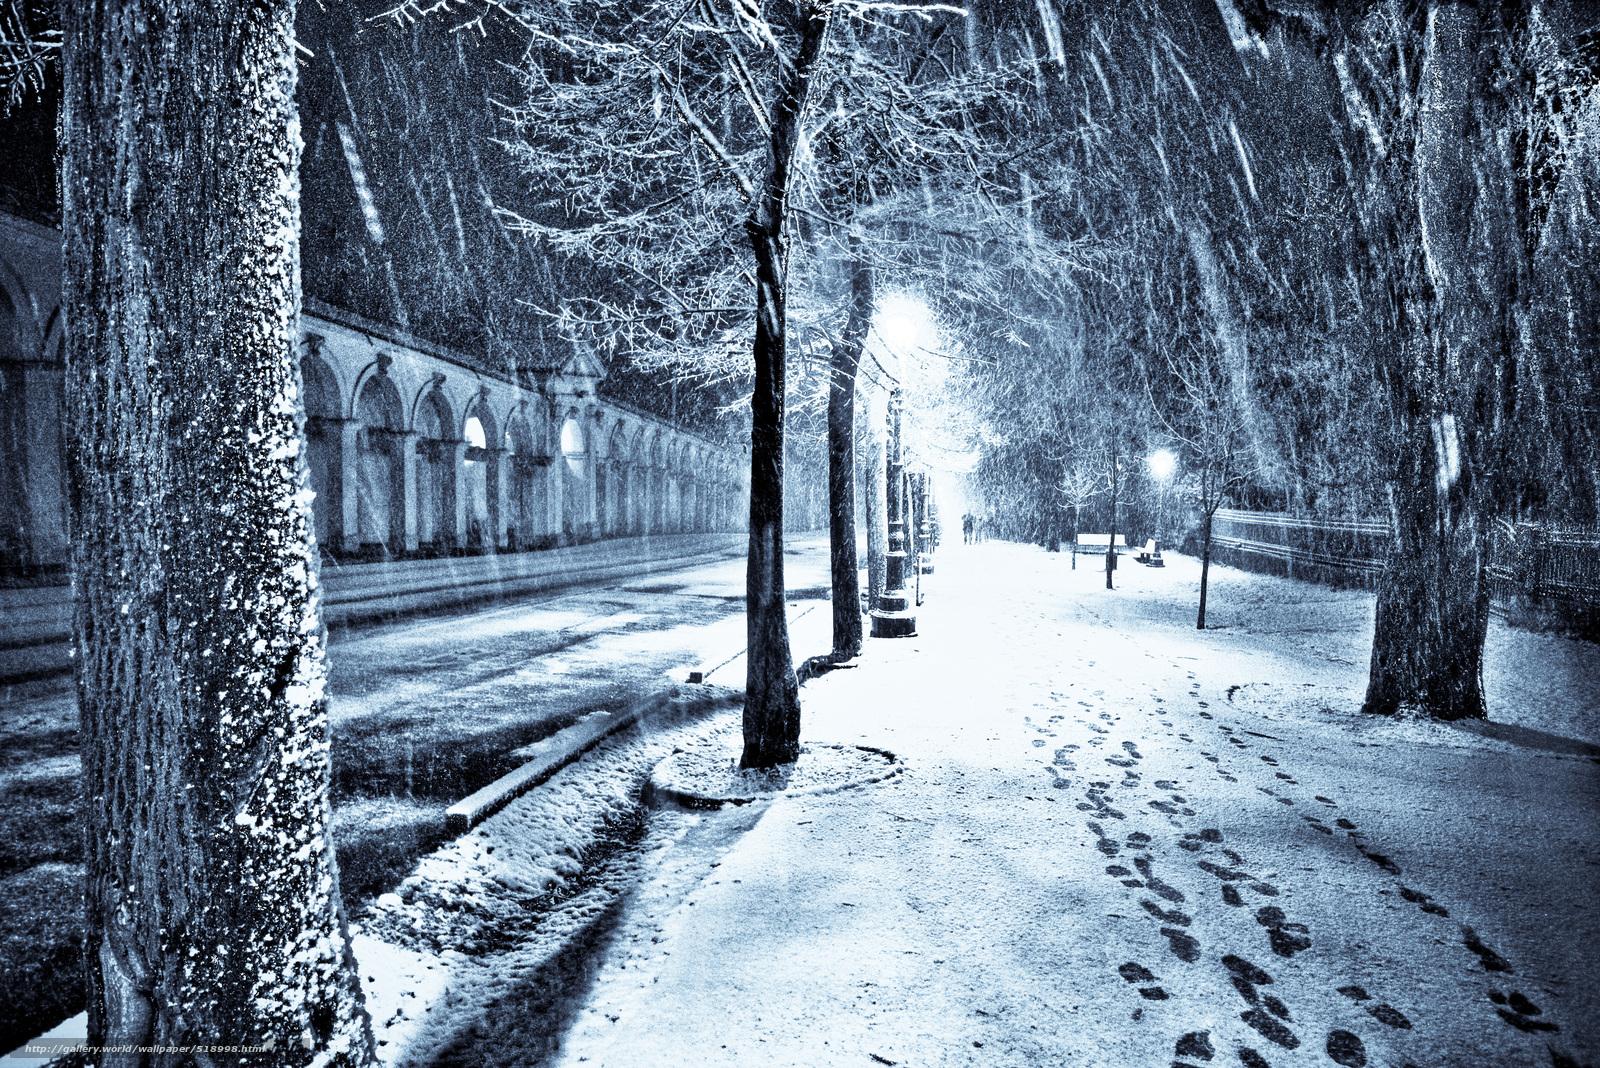 Tlcharger Fond d'ecran lumires,  neige,  aleykii,  rue Fonds d'ecran gratuits pour votre rsolution du bureau 3776x2520 — image №518998